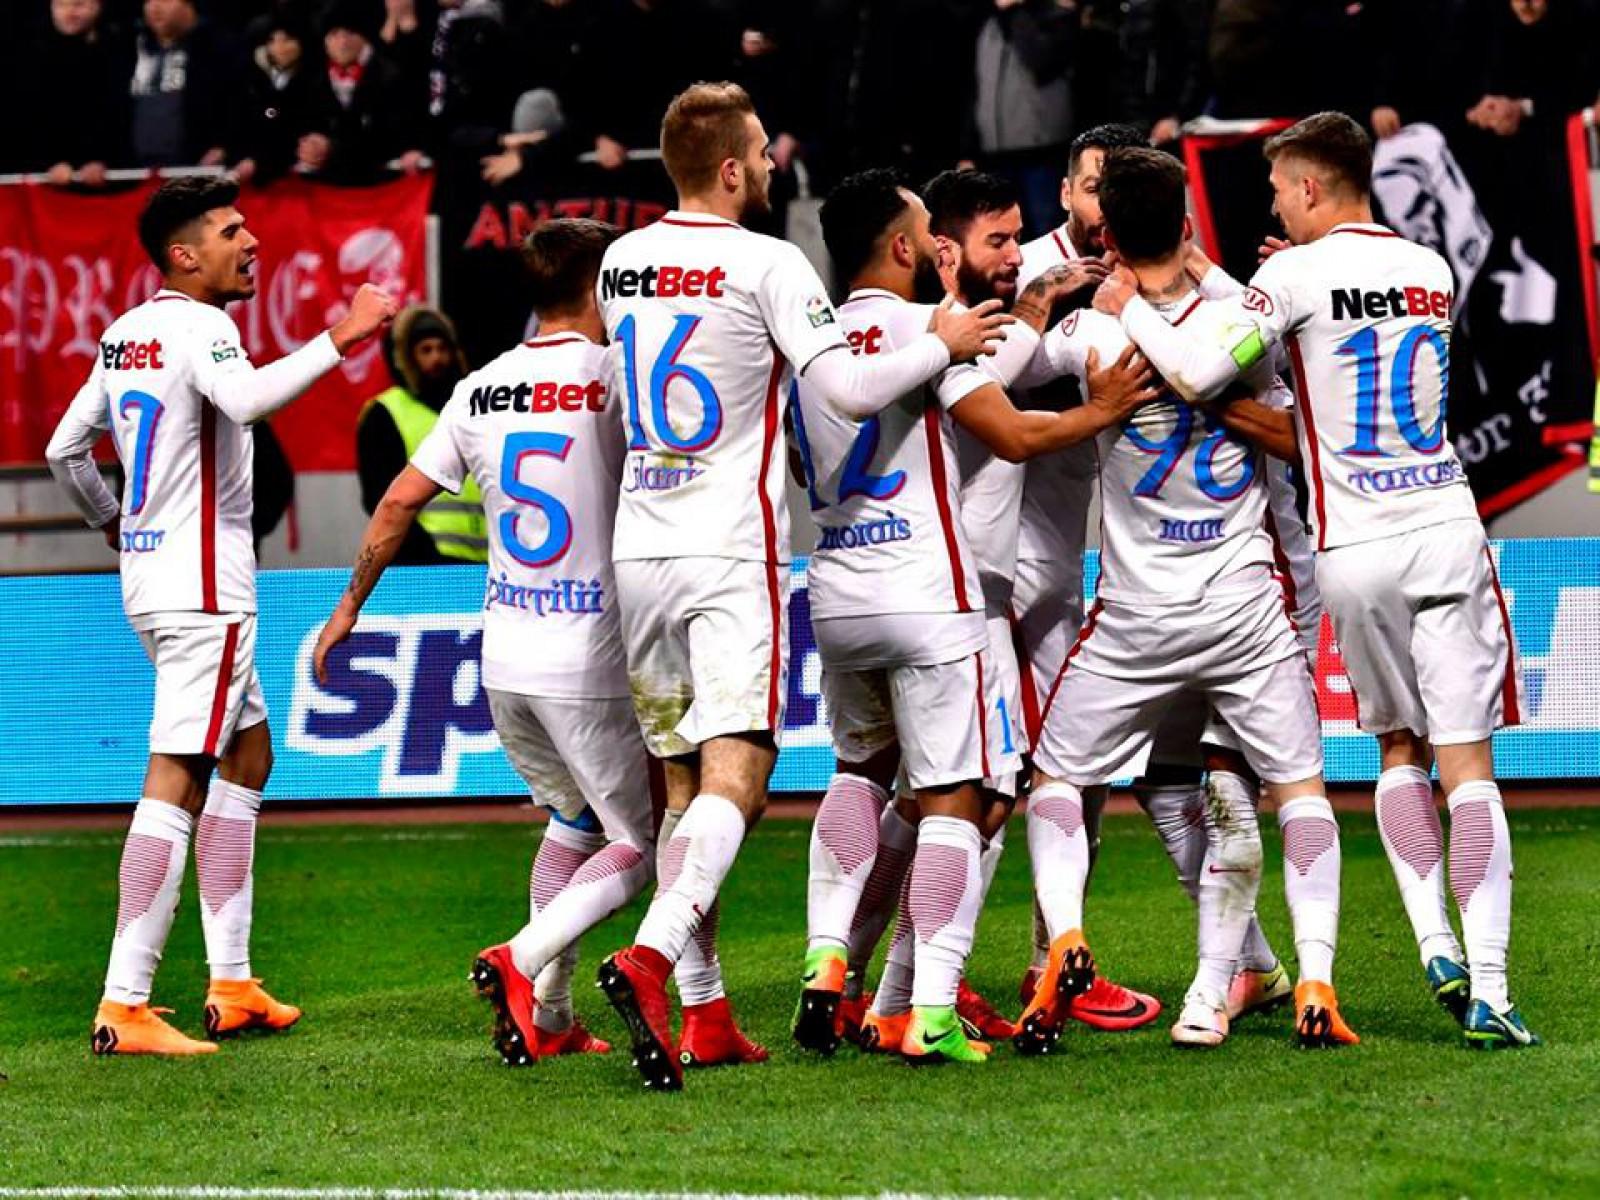 (video) Dinamo București 2-2 FCSB: Echipa lui Nicolae Dică a revenit în ultimele 10 minute ale partidei și a egalat în prelungiri